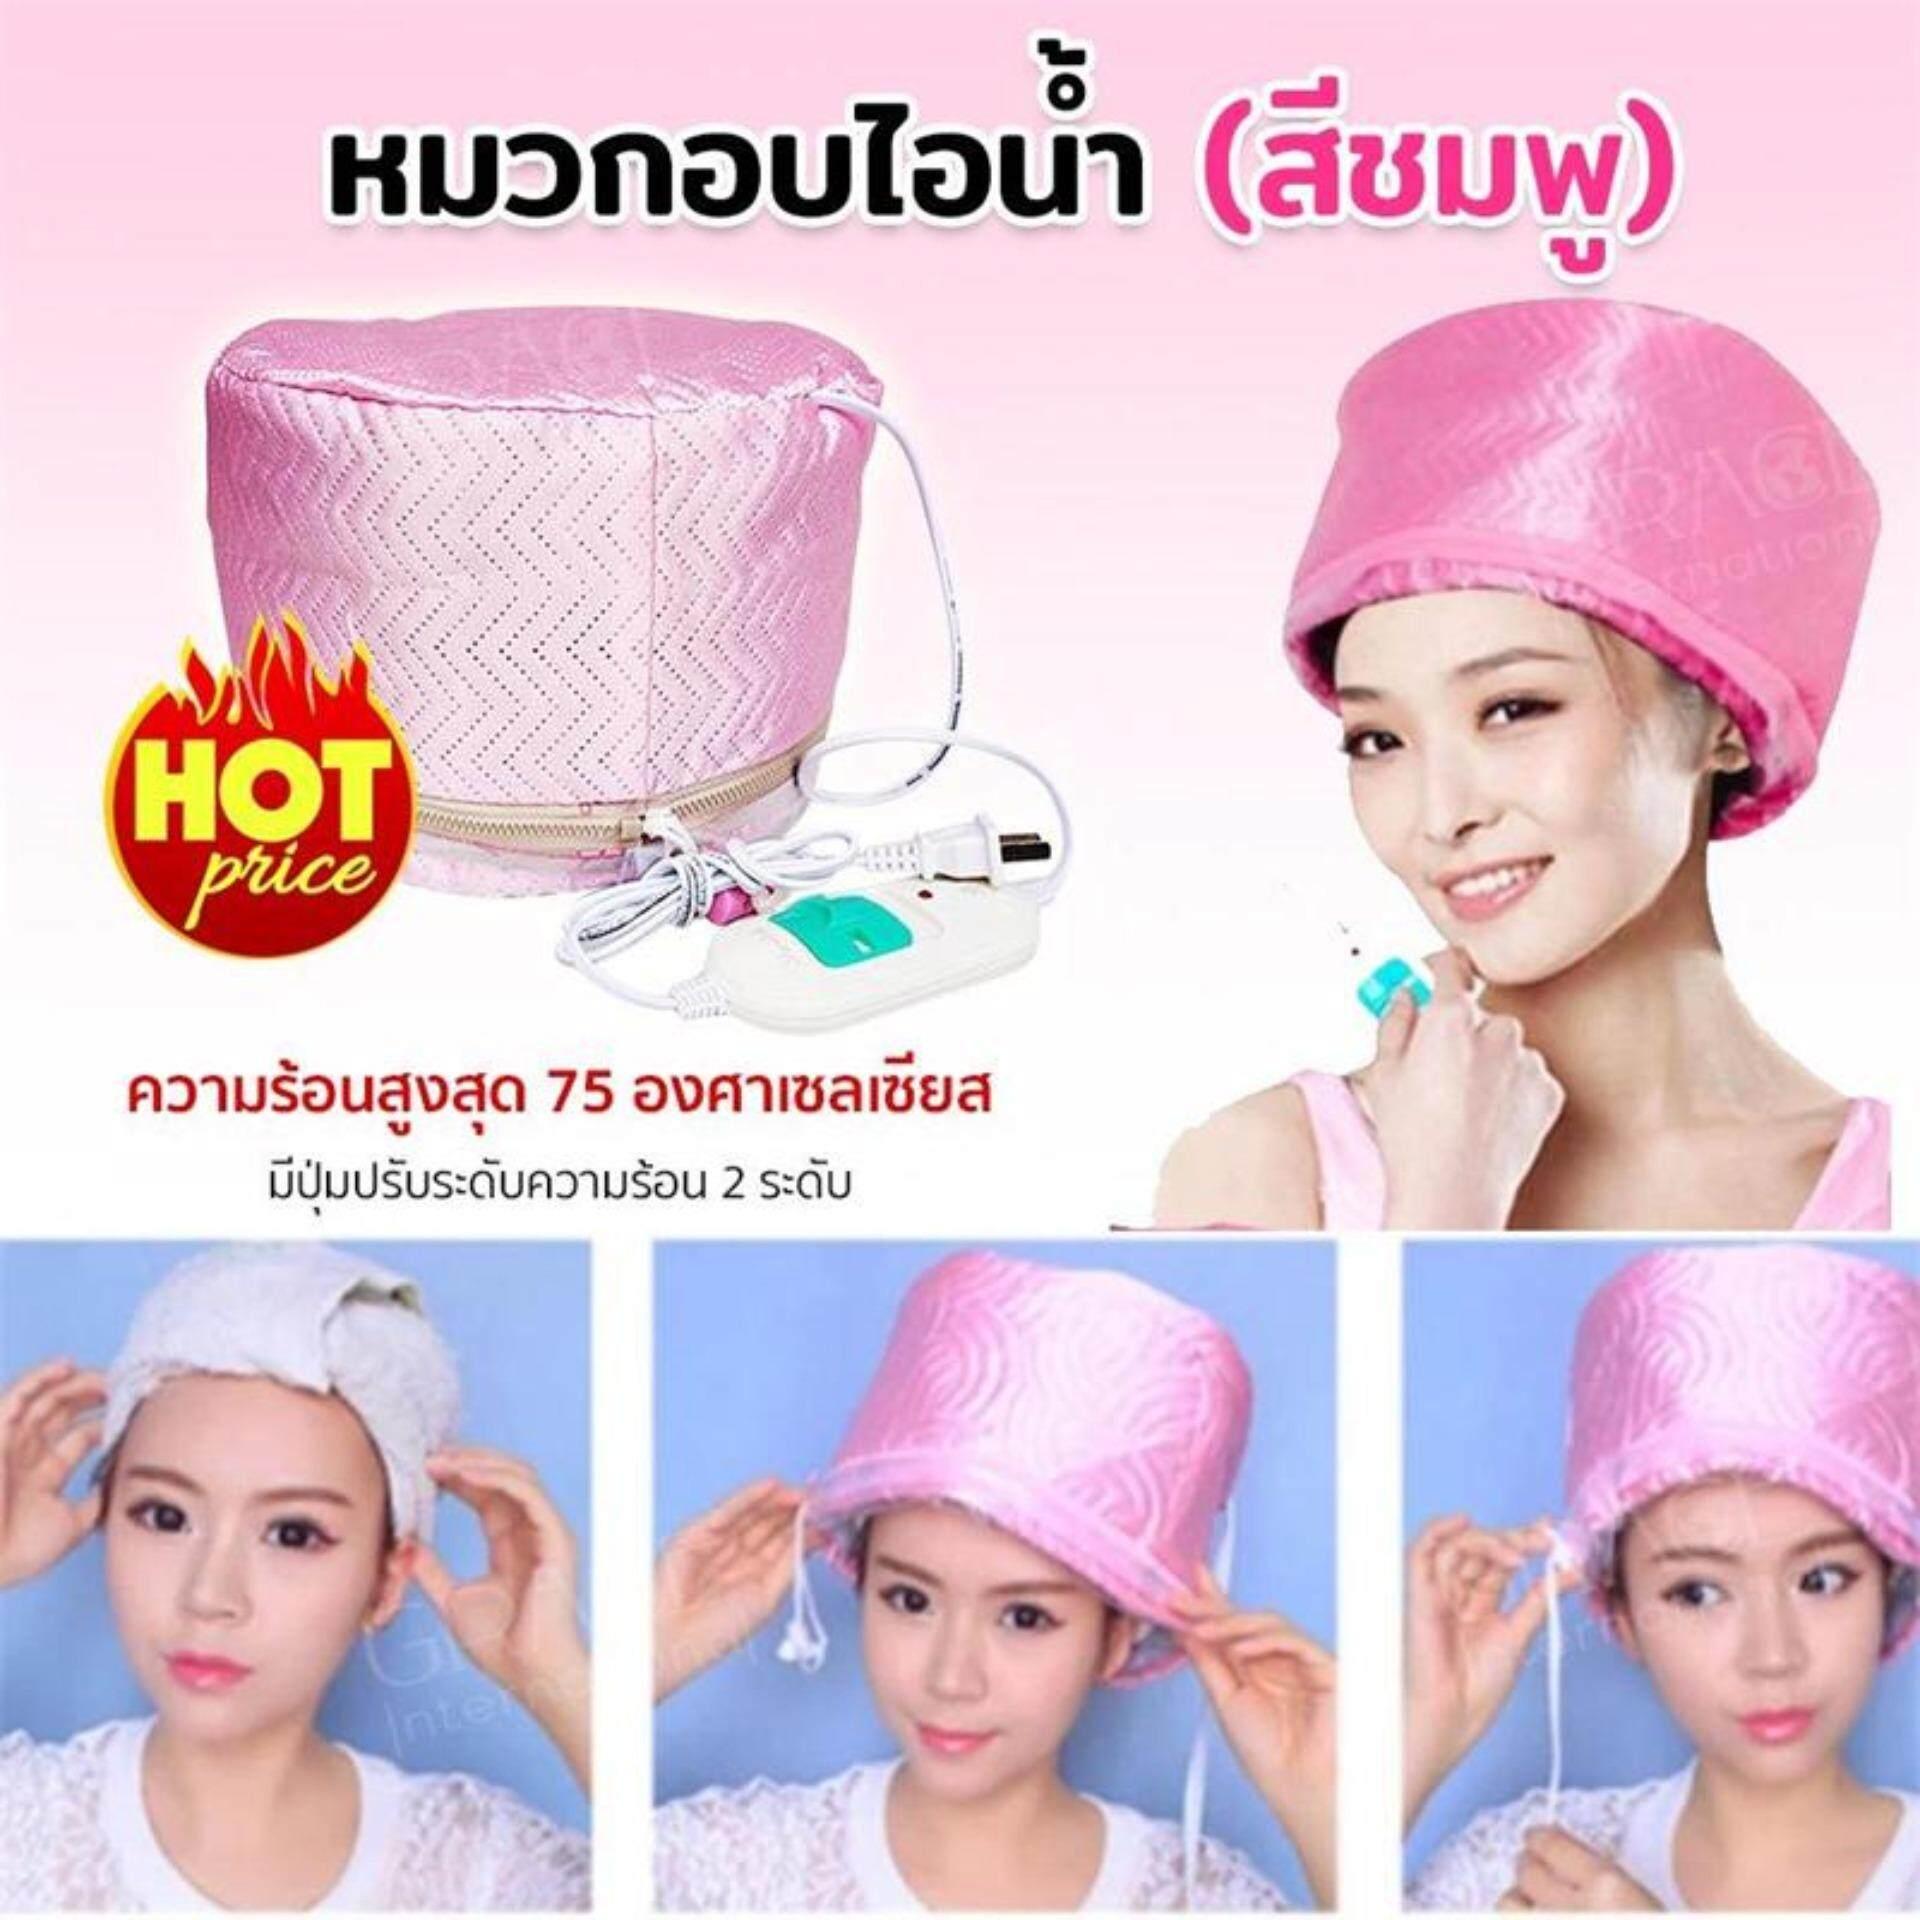 หมวกอบไอน้ำ สีชมพู หมวกอบไอน้ำระบบไฟฟ้า หมวกอบไอน้ำที่บ้าน By Vip.